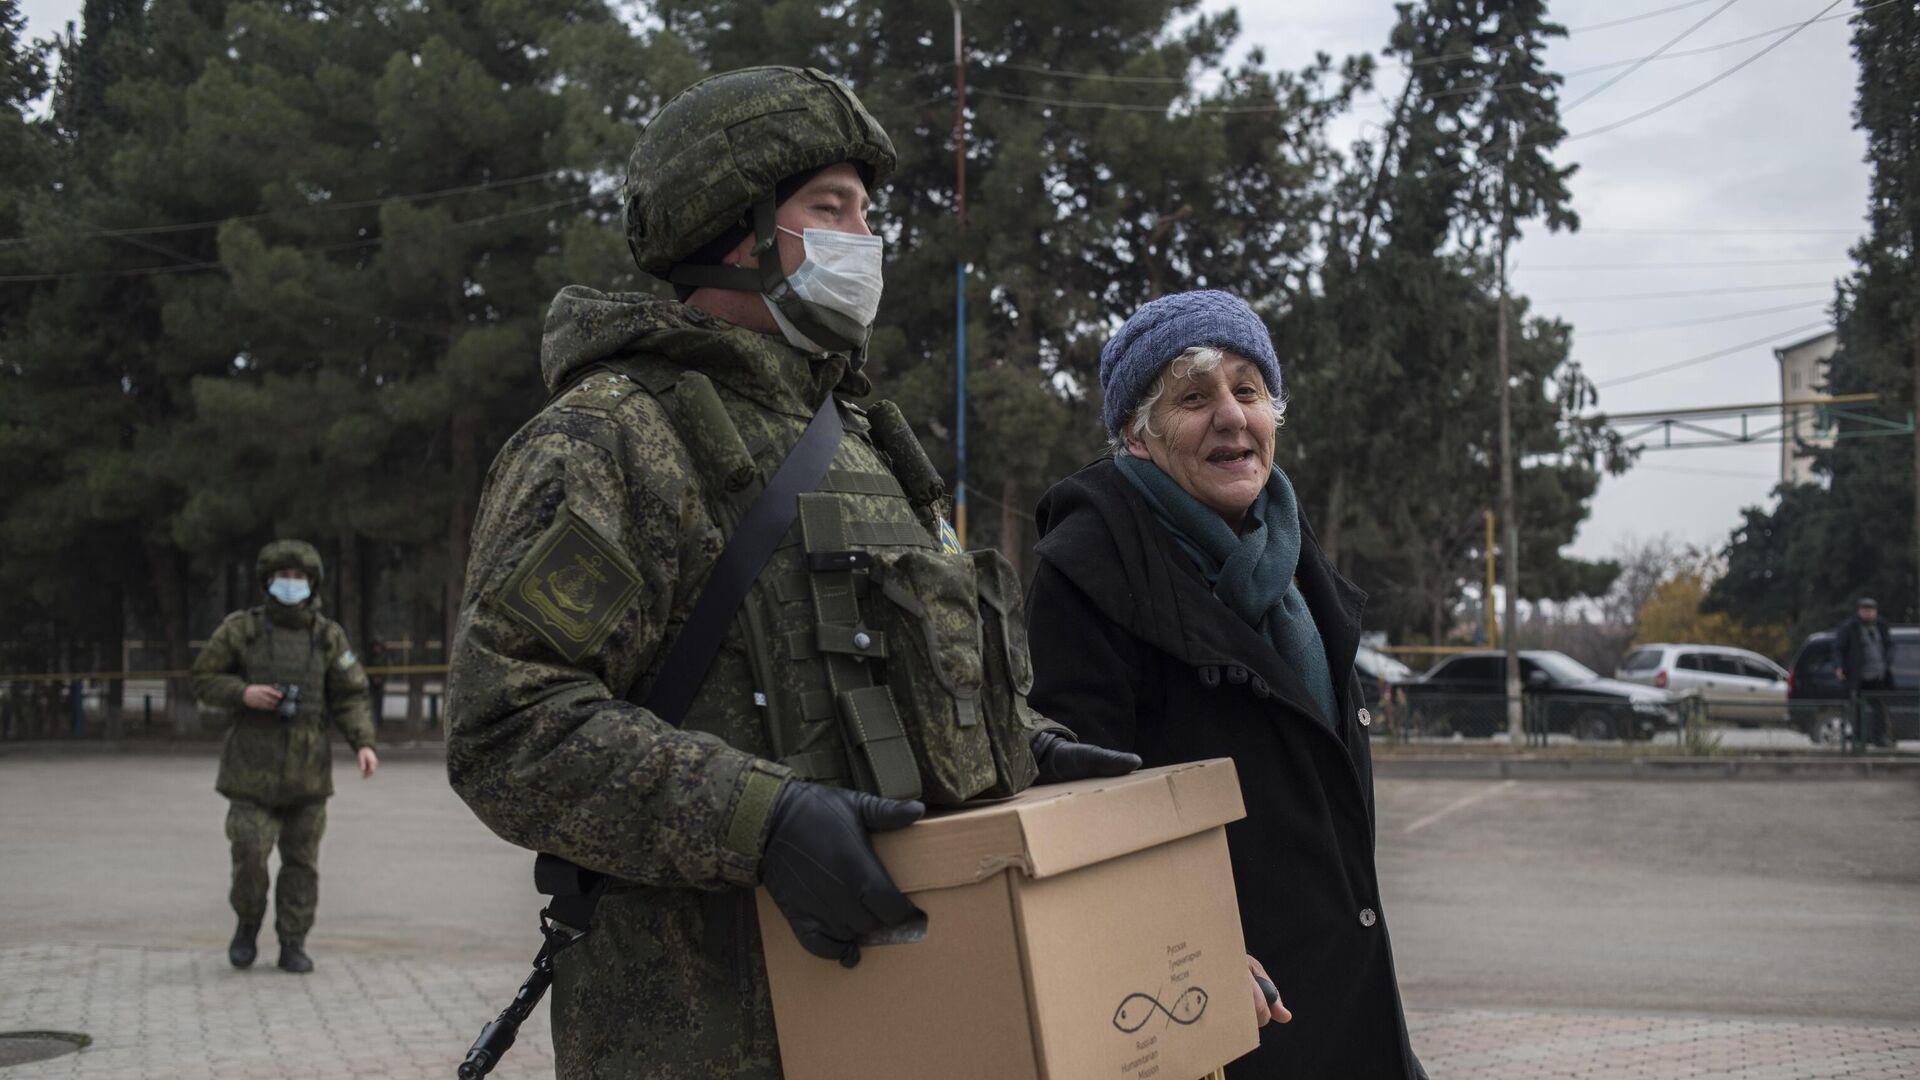 Военнослужащий российского центра по примирению враждующих сторон раздает гуманитарную помощь жителям города Мартакерт в Нагорном Карабахе - РИА Новости, 1920, 24.12.2020